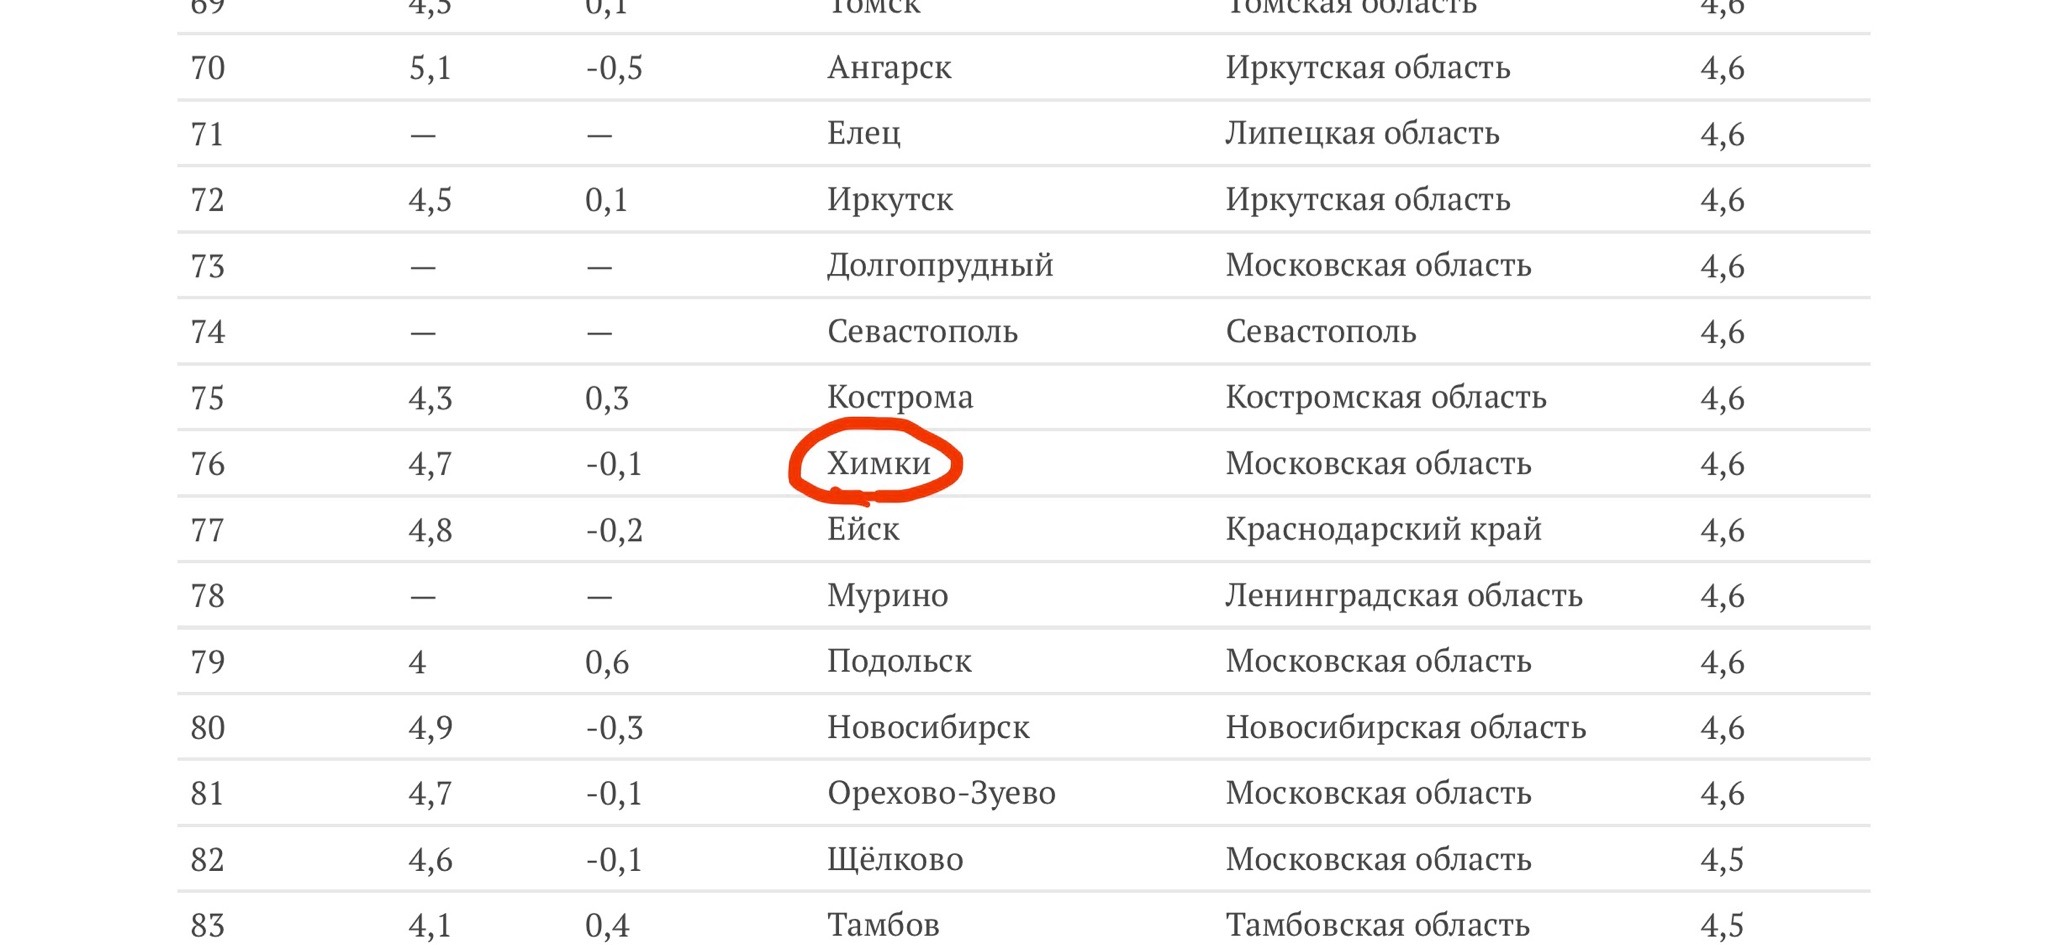 Химки заняли 76 место среди 200 городов